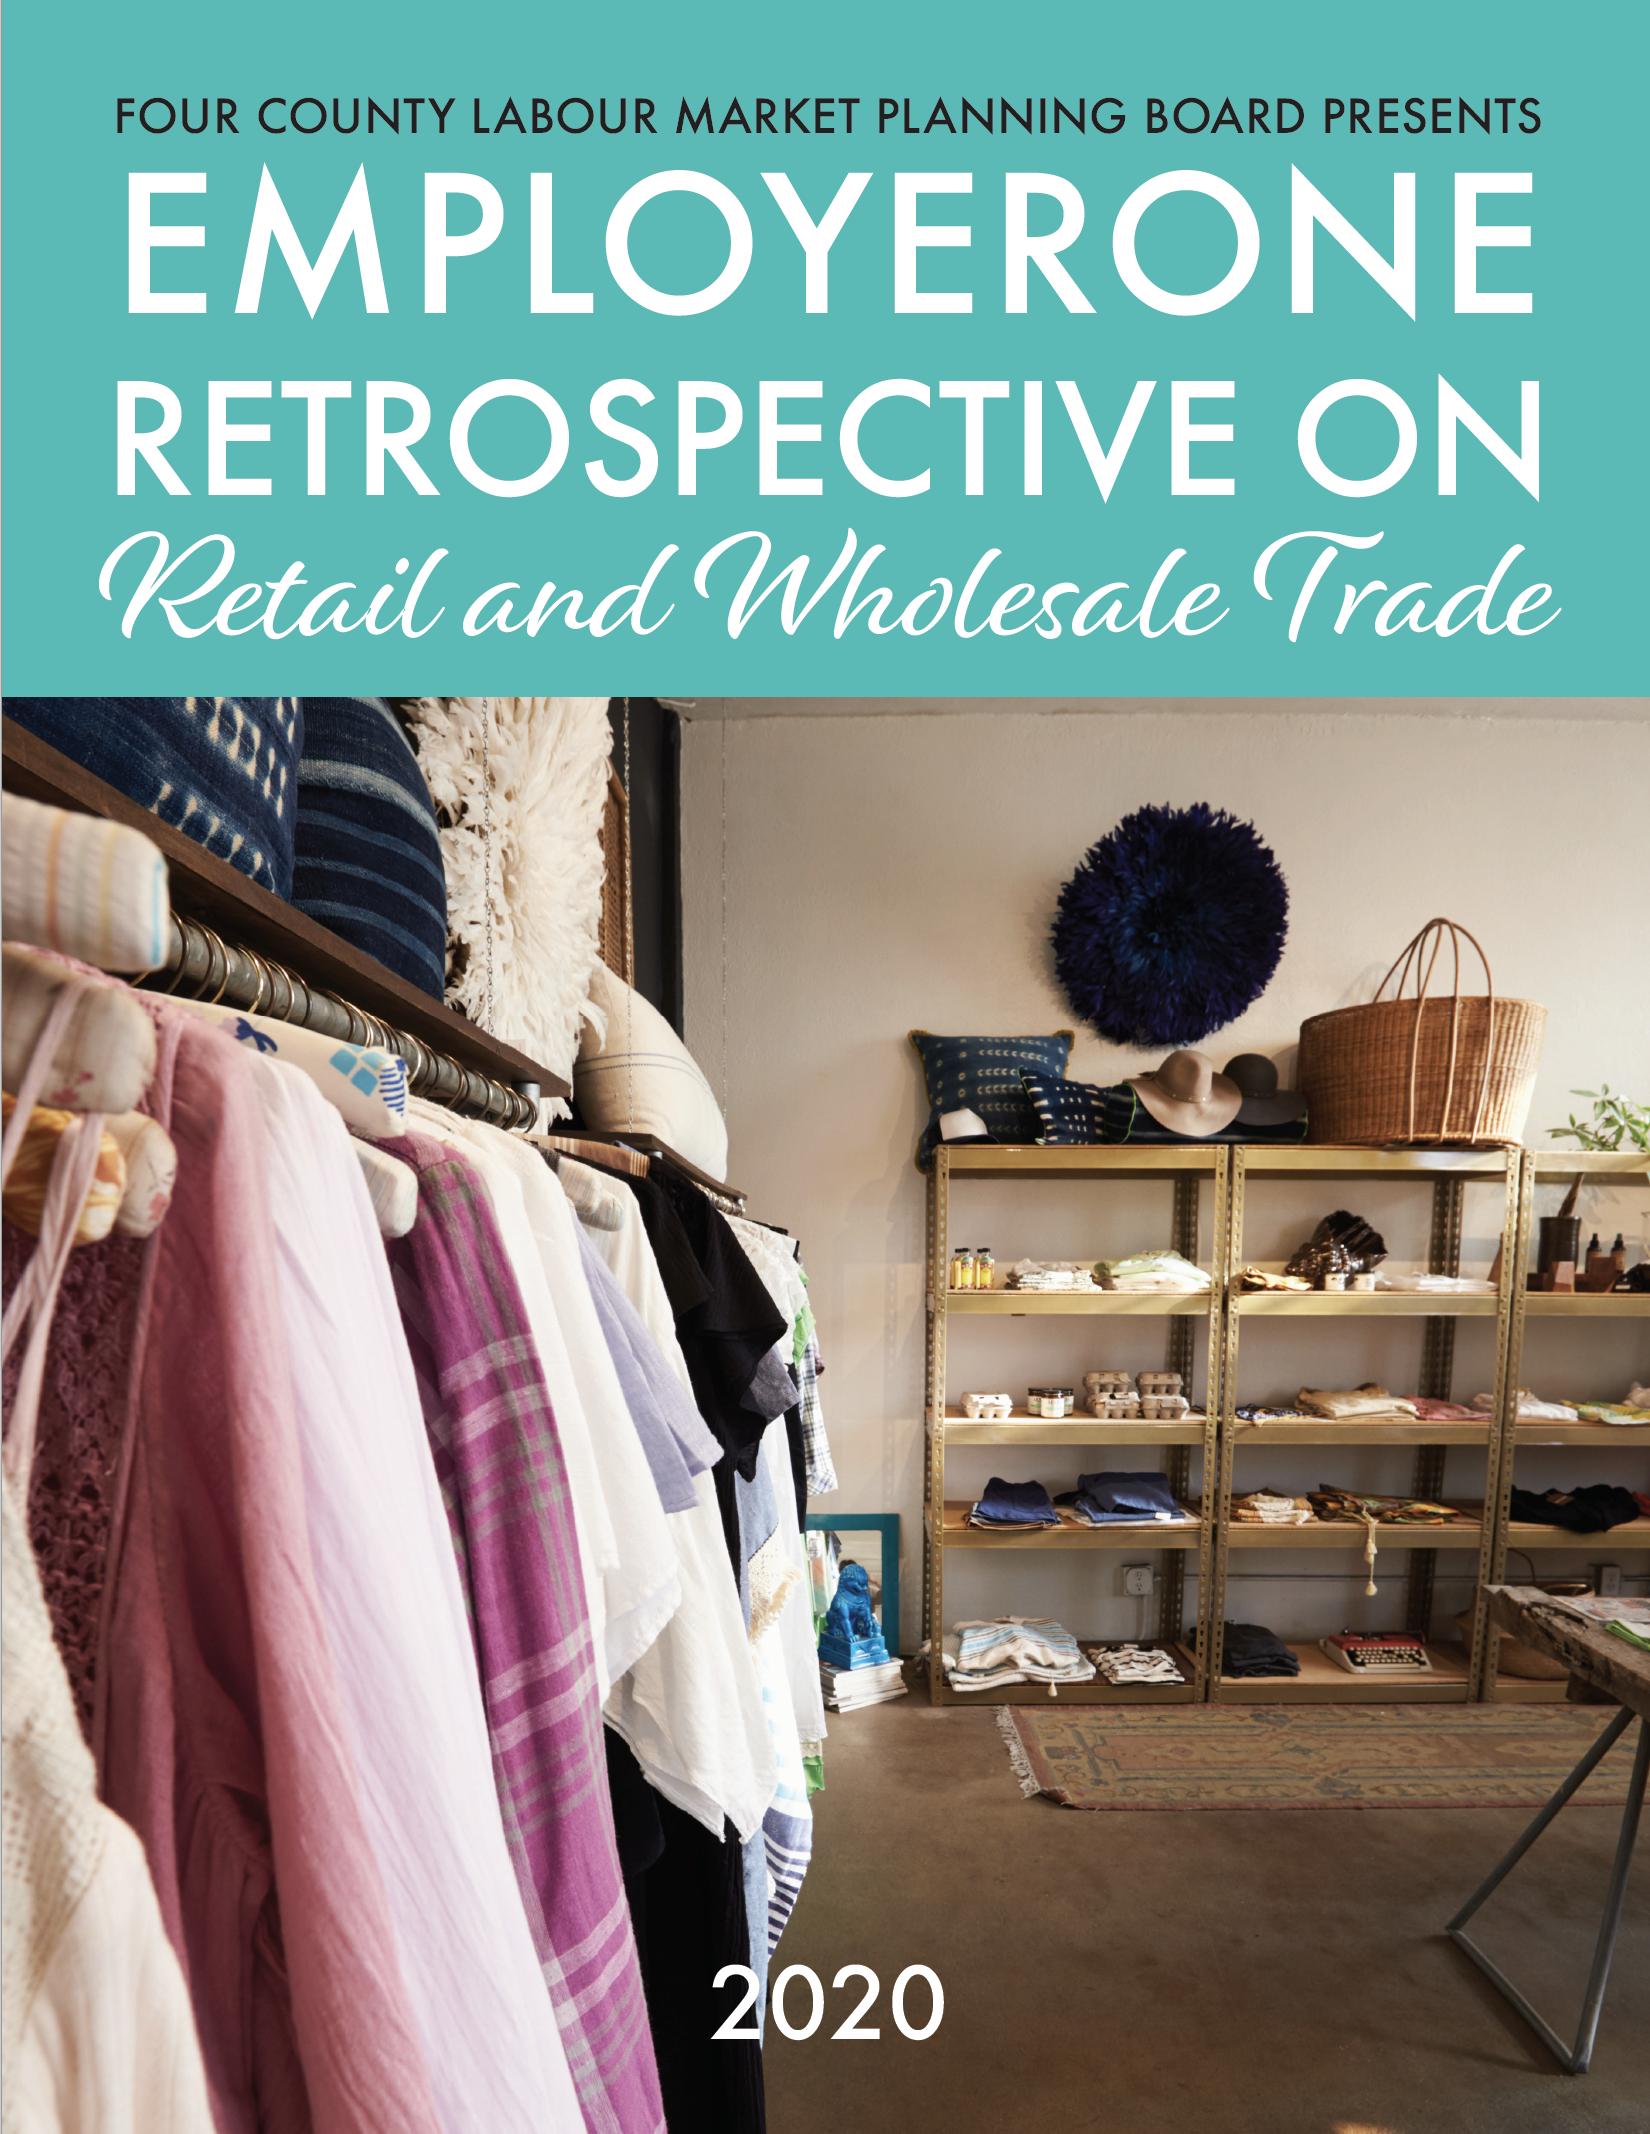 Retrospective on Retail